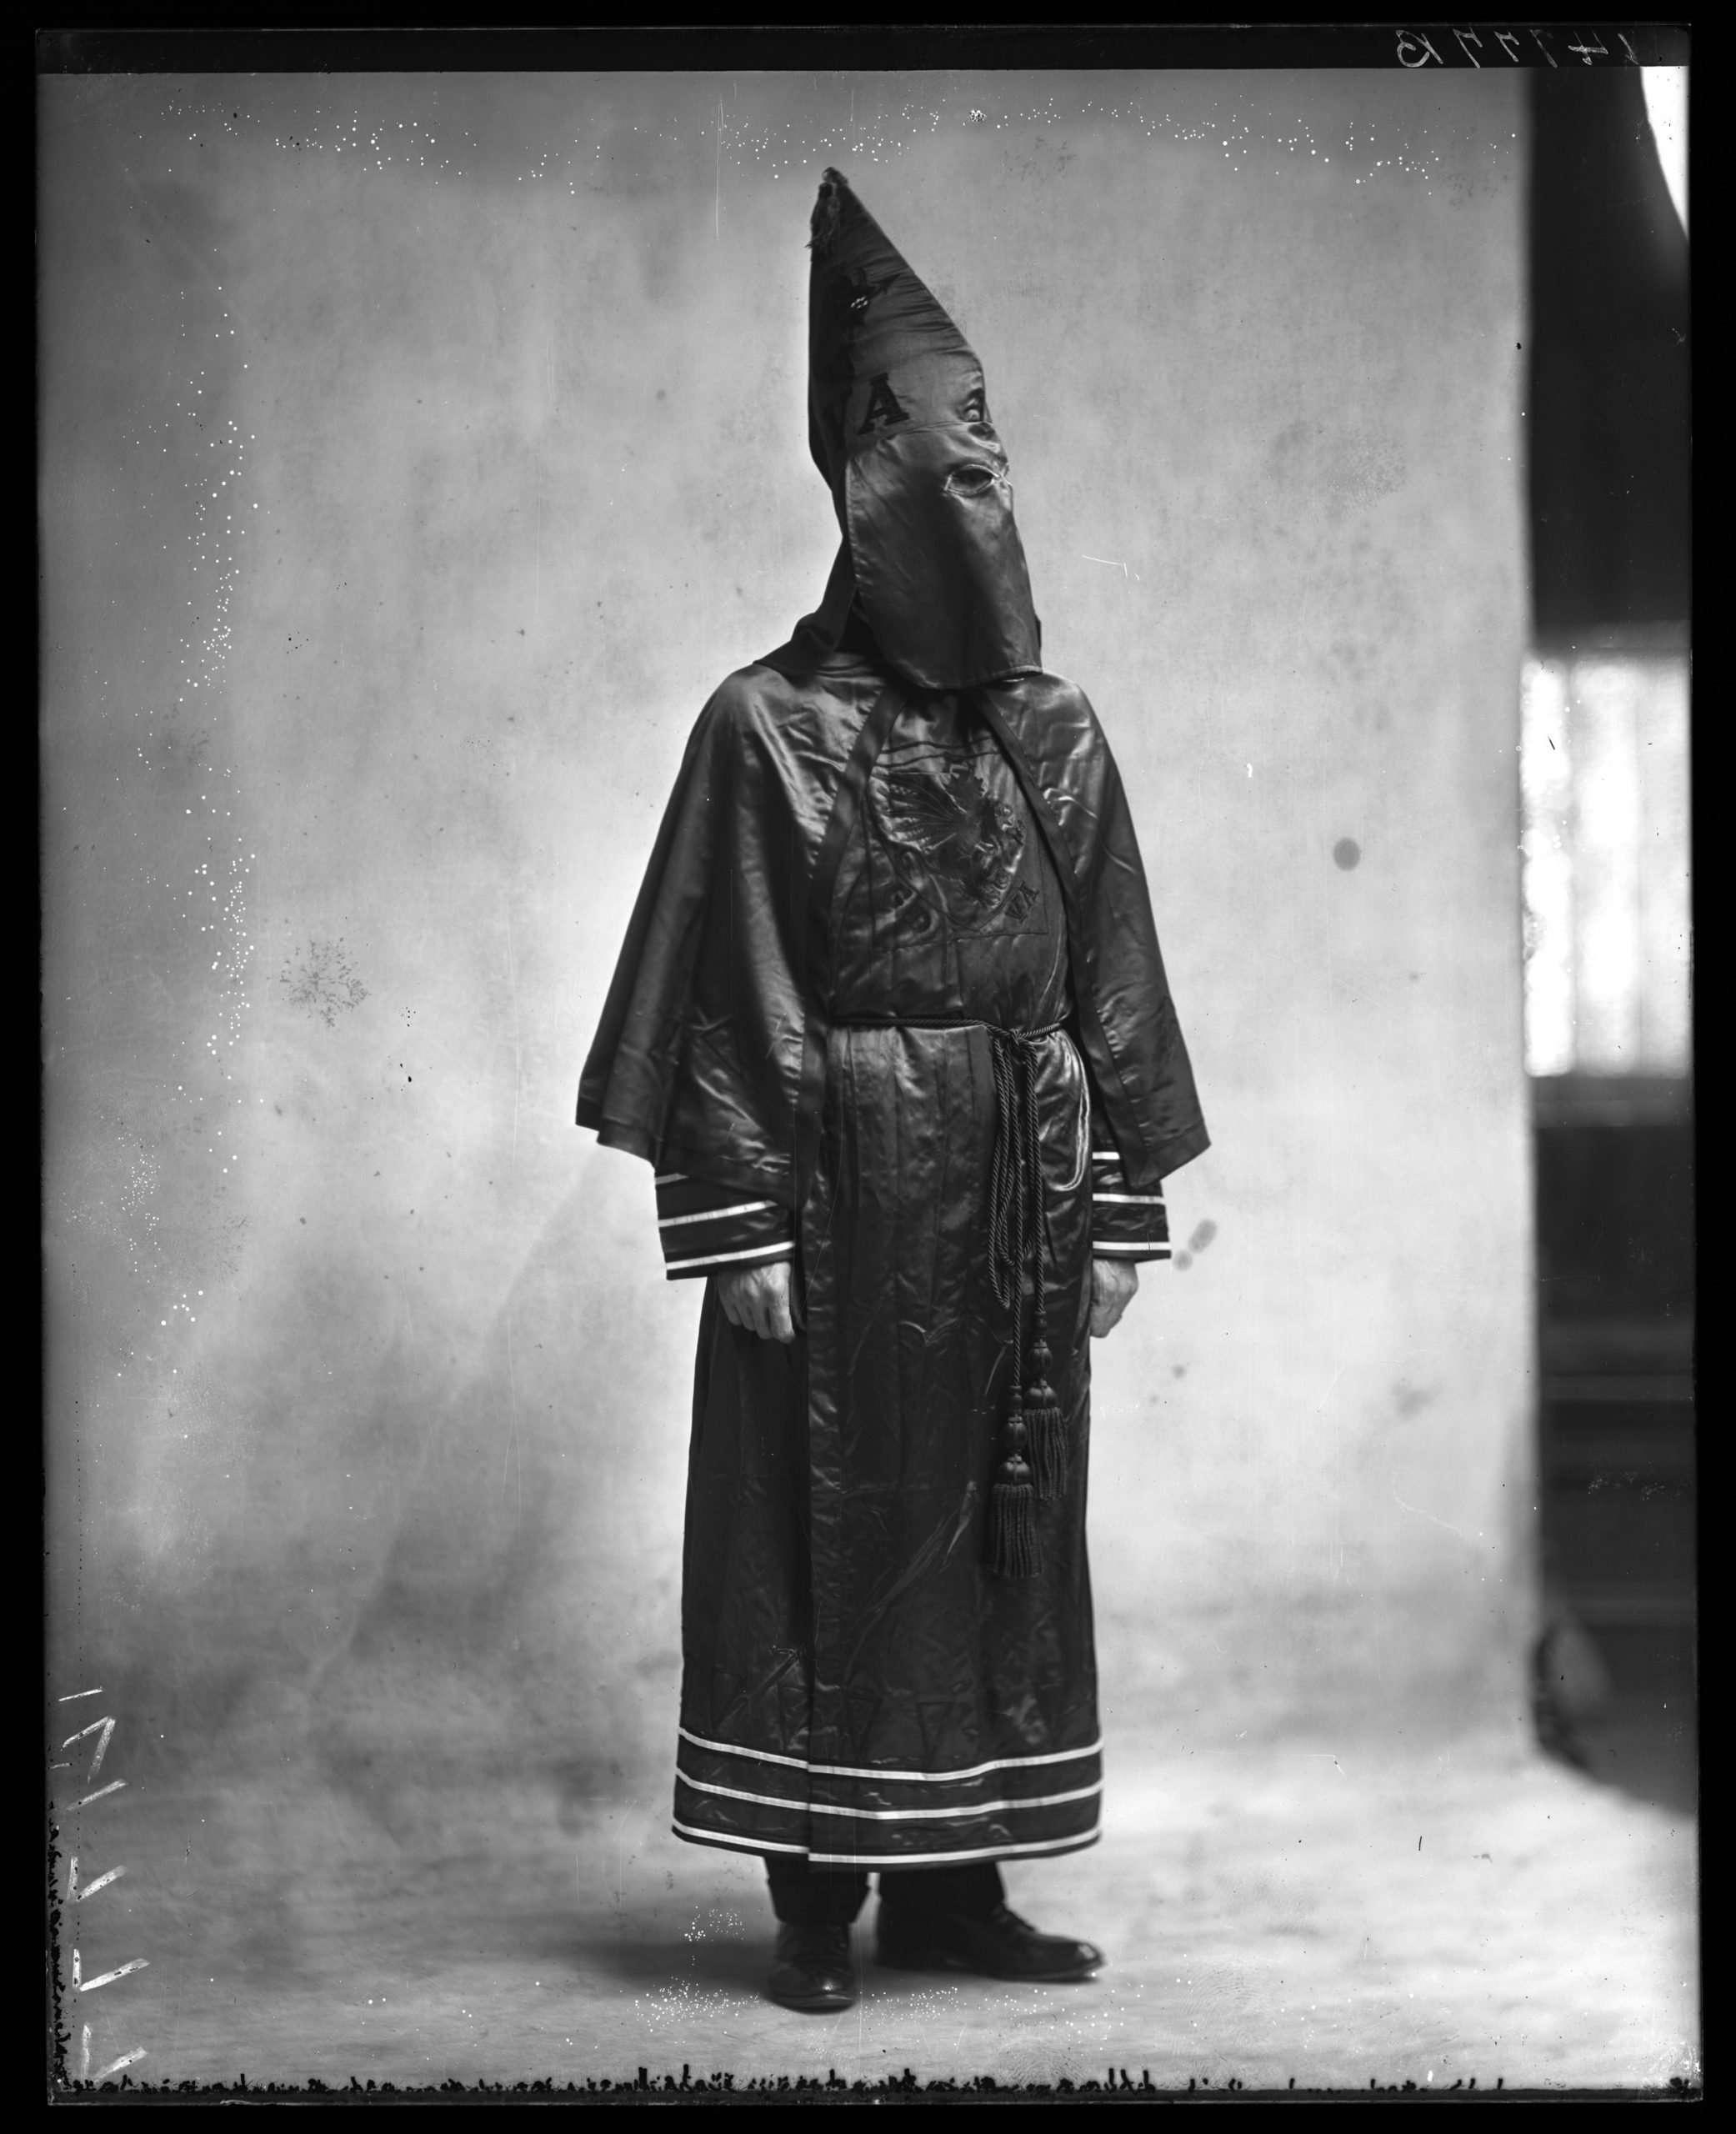 Ku Klux Klan Official